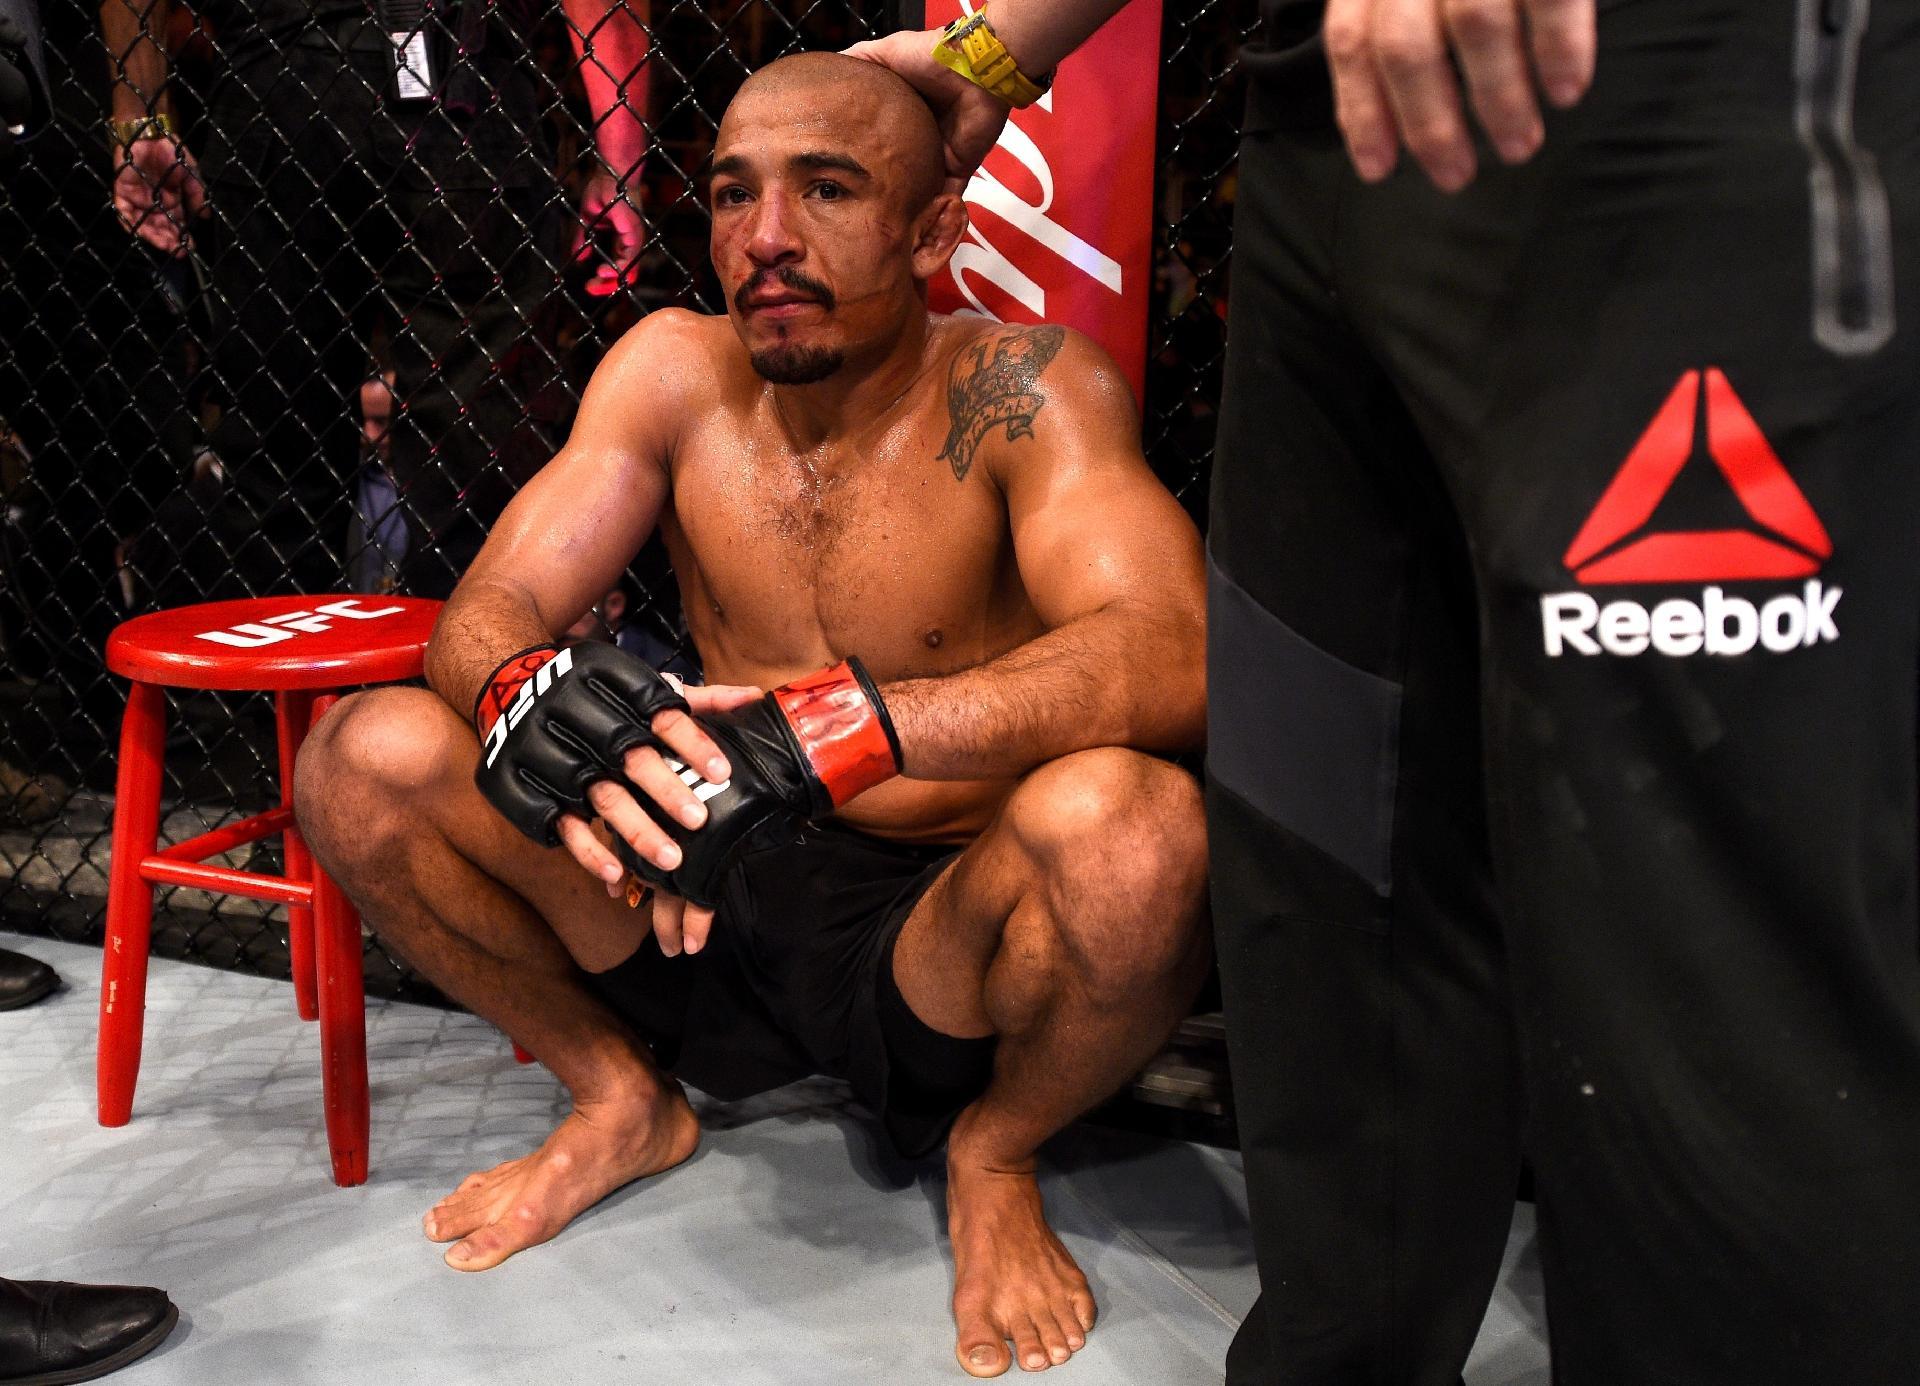 Choro e silêncio  Aldo não esconde frustração com derrota em casa no UFC -  04 06 2017 - UOL Esporte d77c8b0eb217e